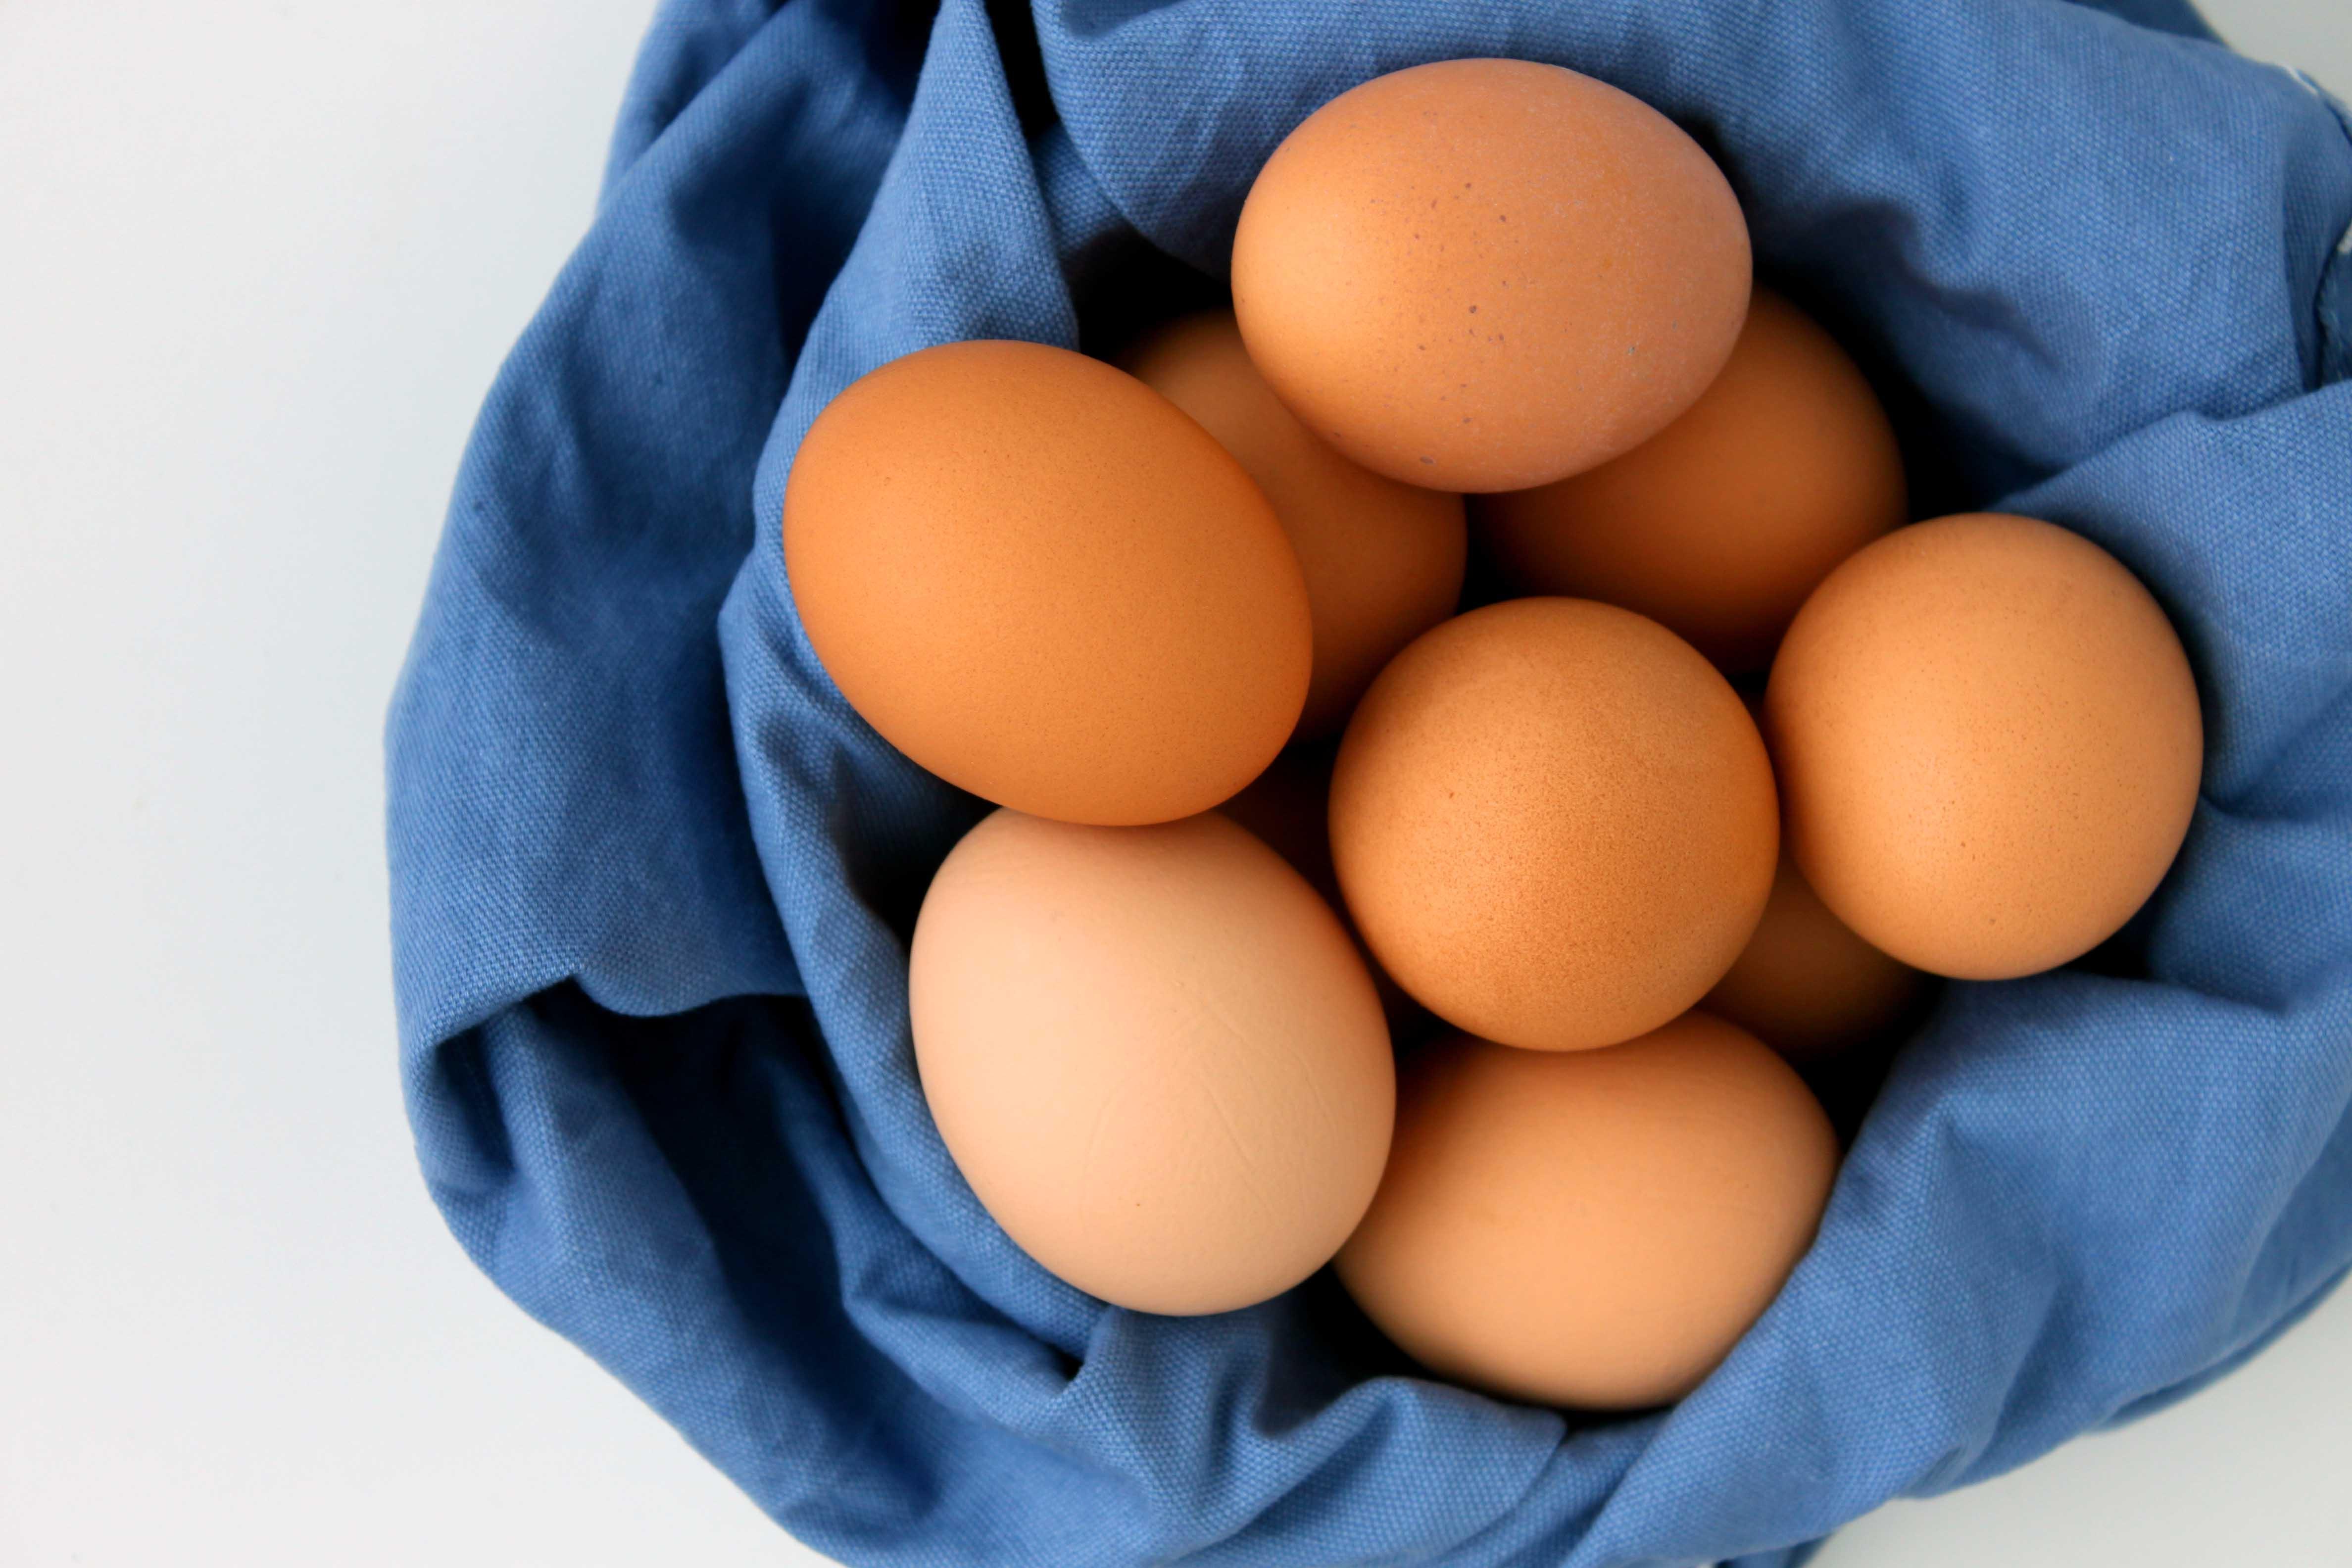 Nhận biết thực phẩm an toàn là trứng gà giúp người tiêu dùng tránh mua phải trứng giả, kém chất lượng